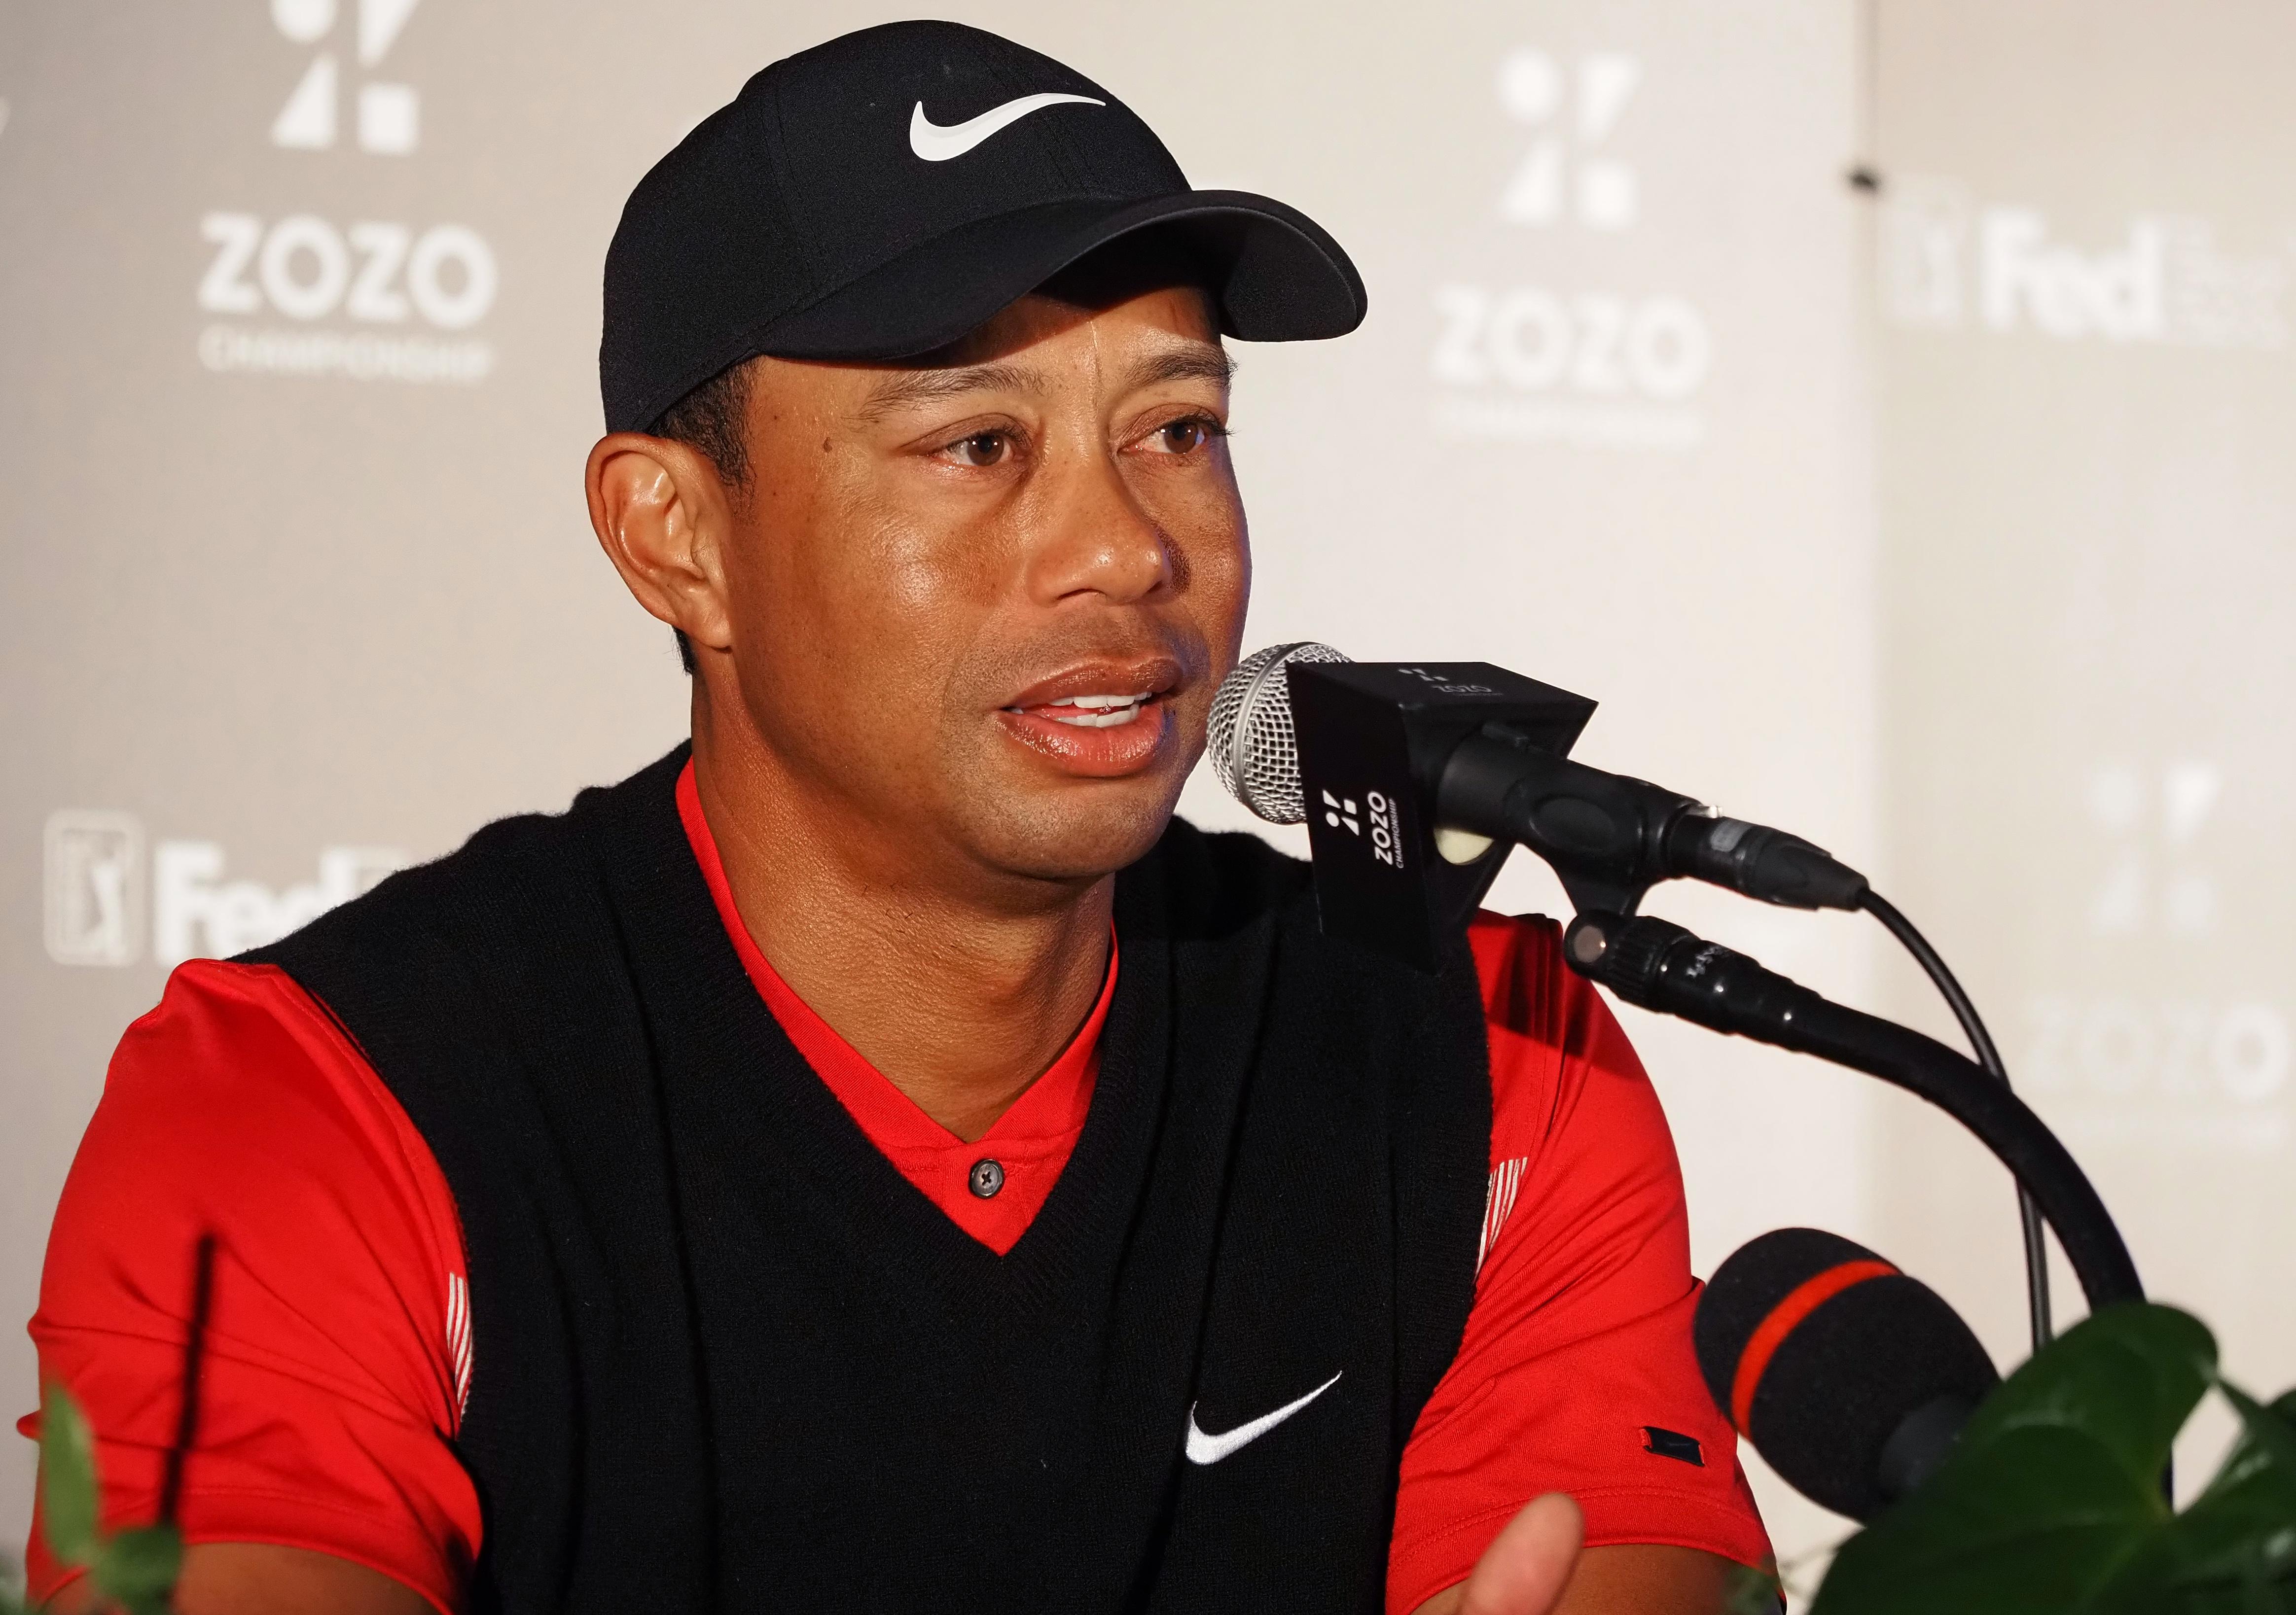 Tiger Wodds, golfista estadounidense, dialogando con los medios de comunicación.